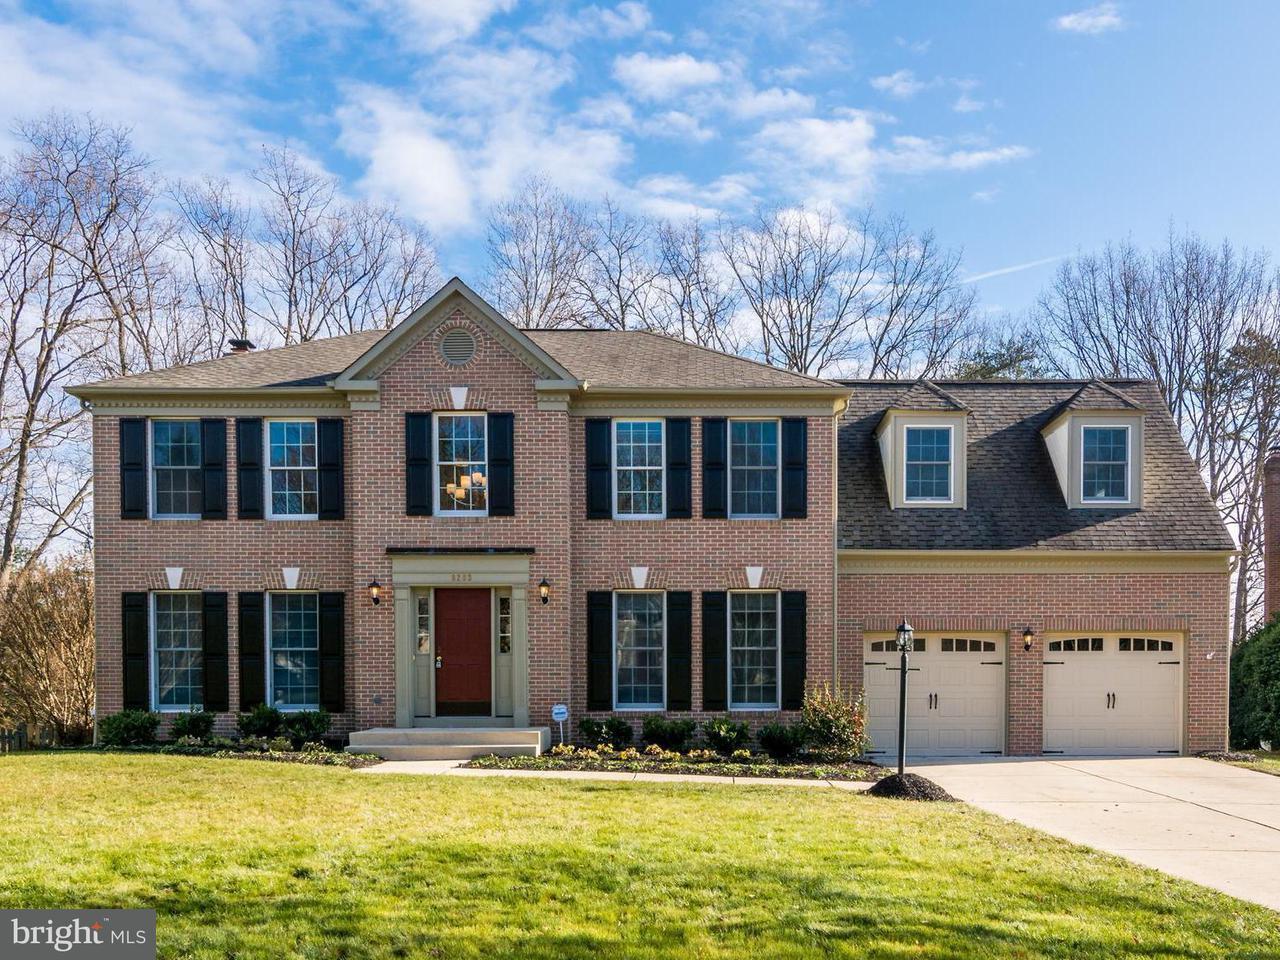 단독 가정 주택 용 매매 에 8293 HIGHGLADE Court 8293 HIGHGLADE Court Millersville, 메릴랜드 21108 미국